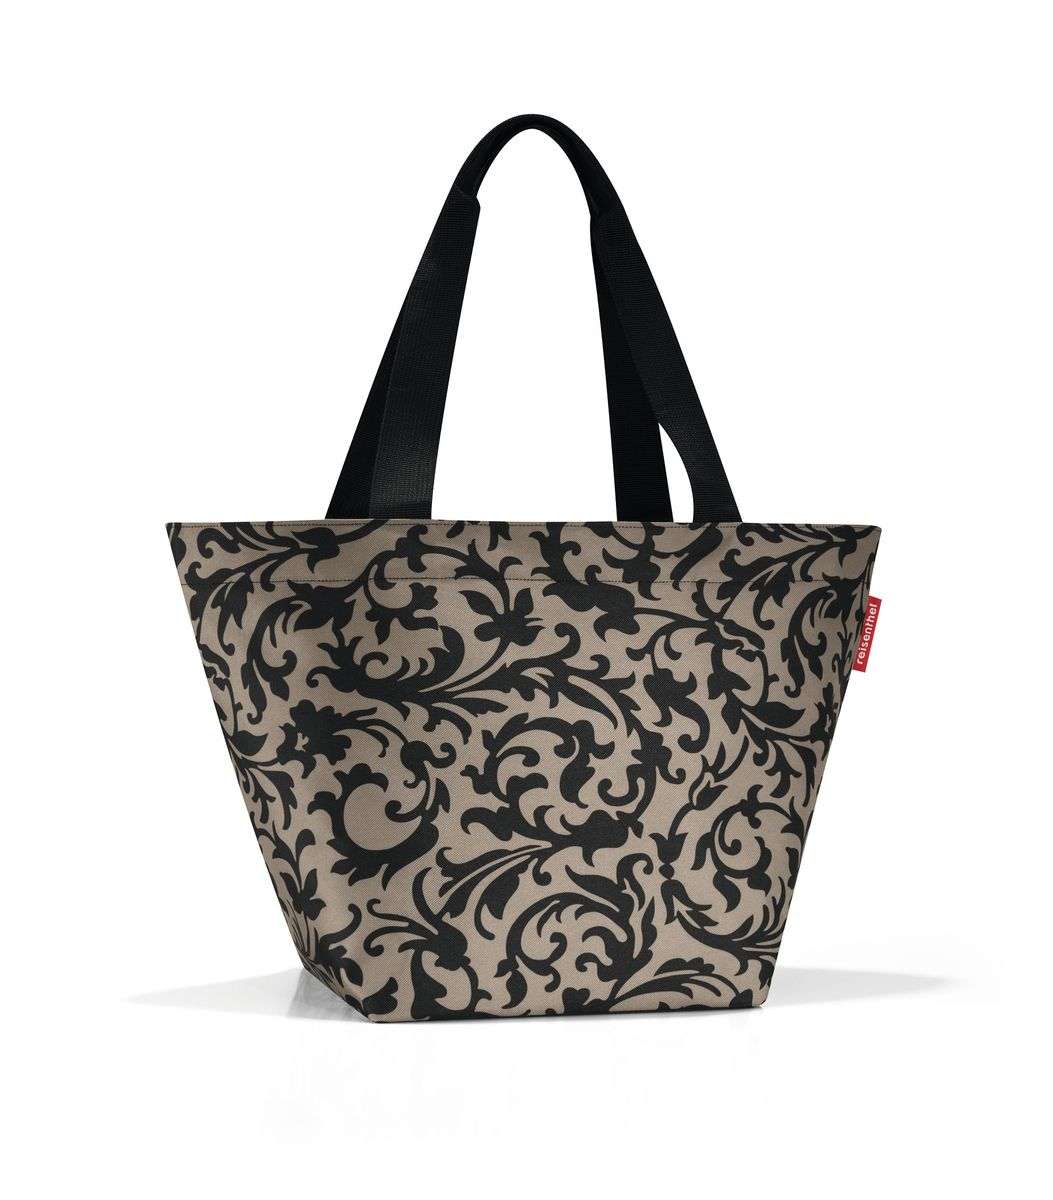 Сумка женская Reisenthel, цвет: черный, бежевый. ZS7027 сумка женская reisenthel цвет бежевый черный ms7027